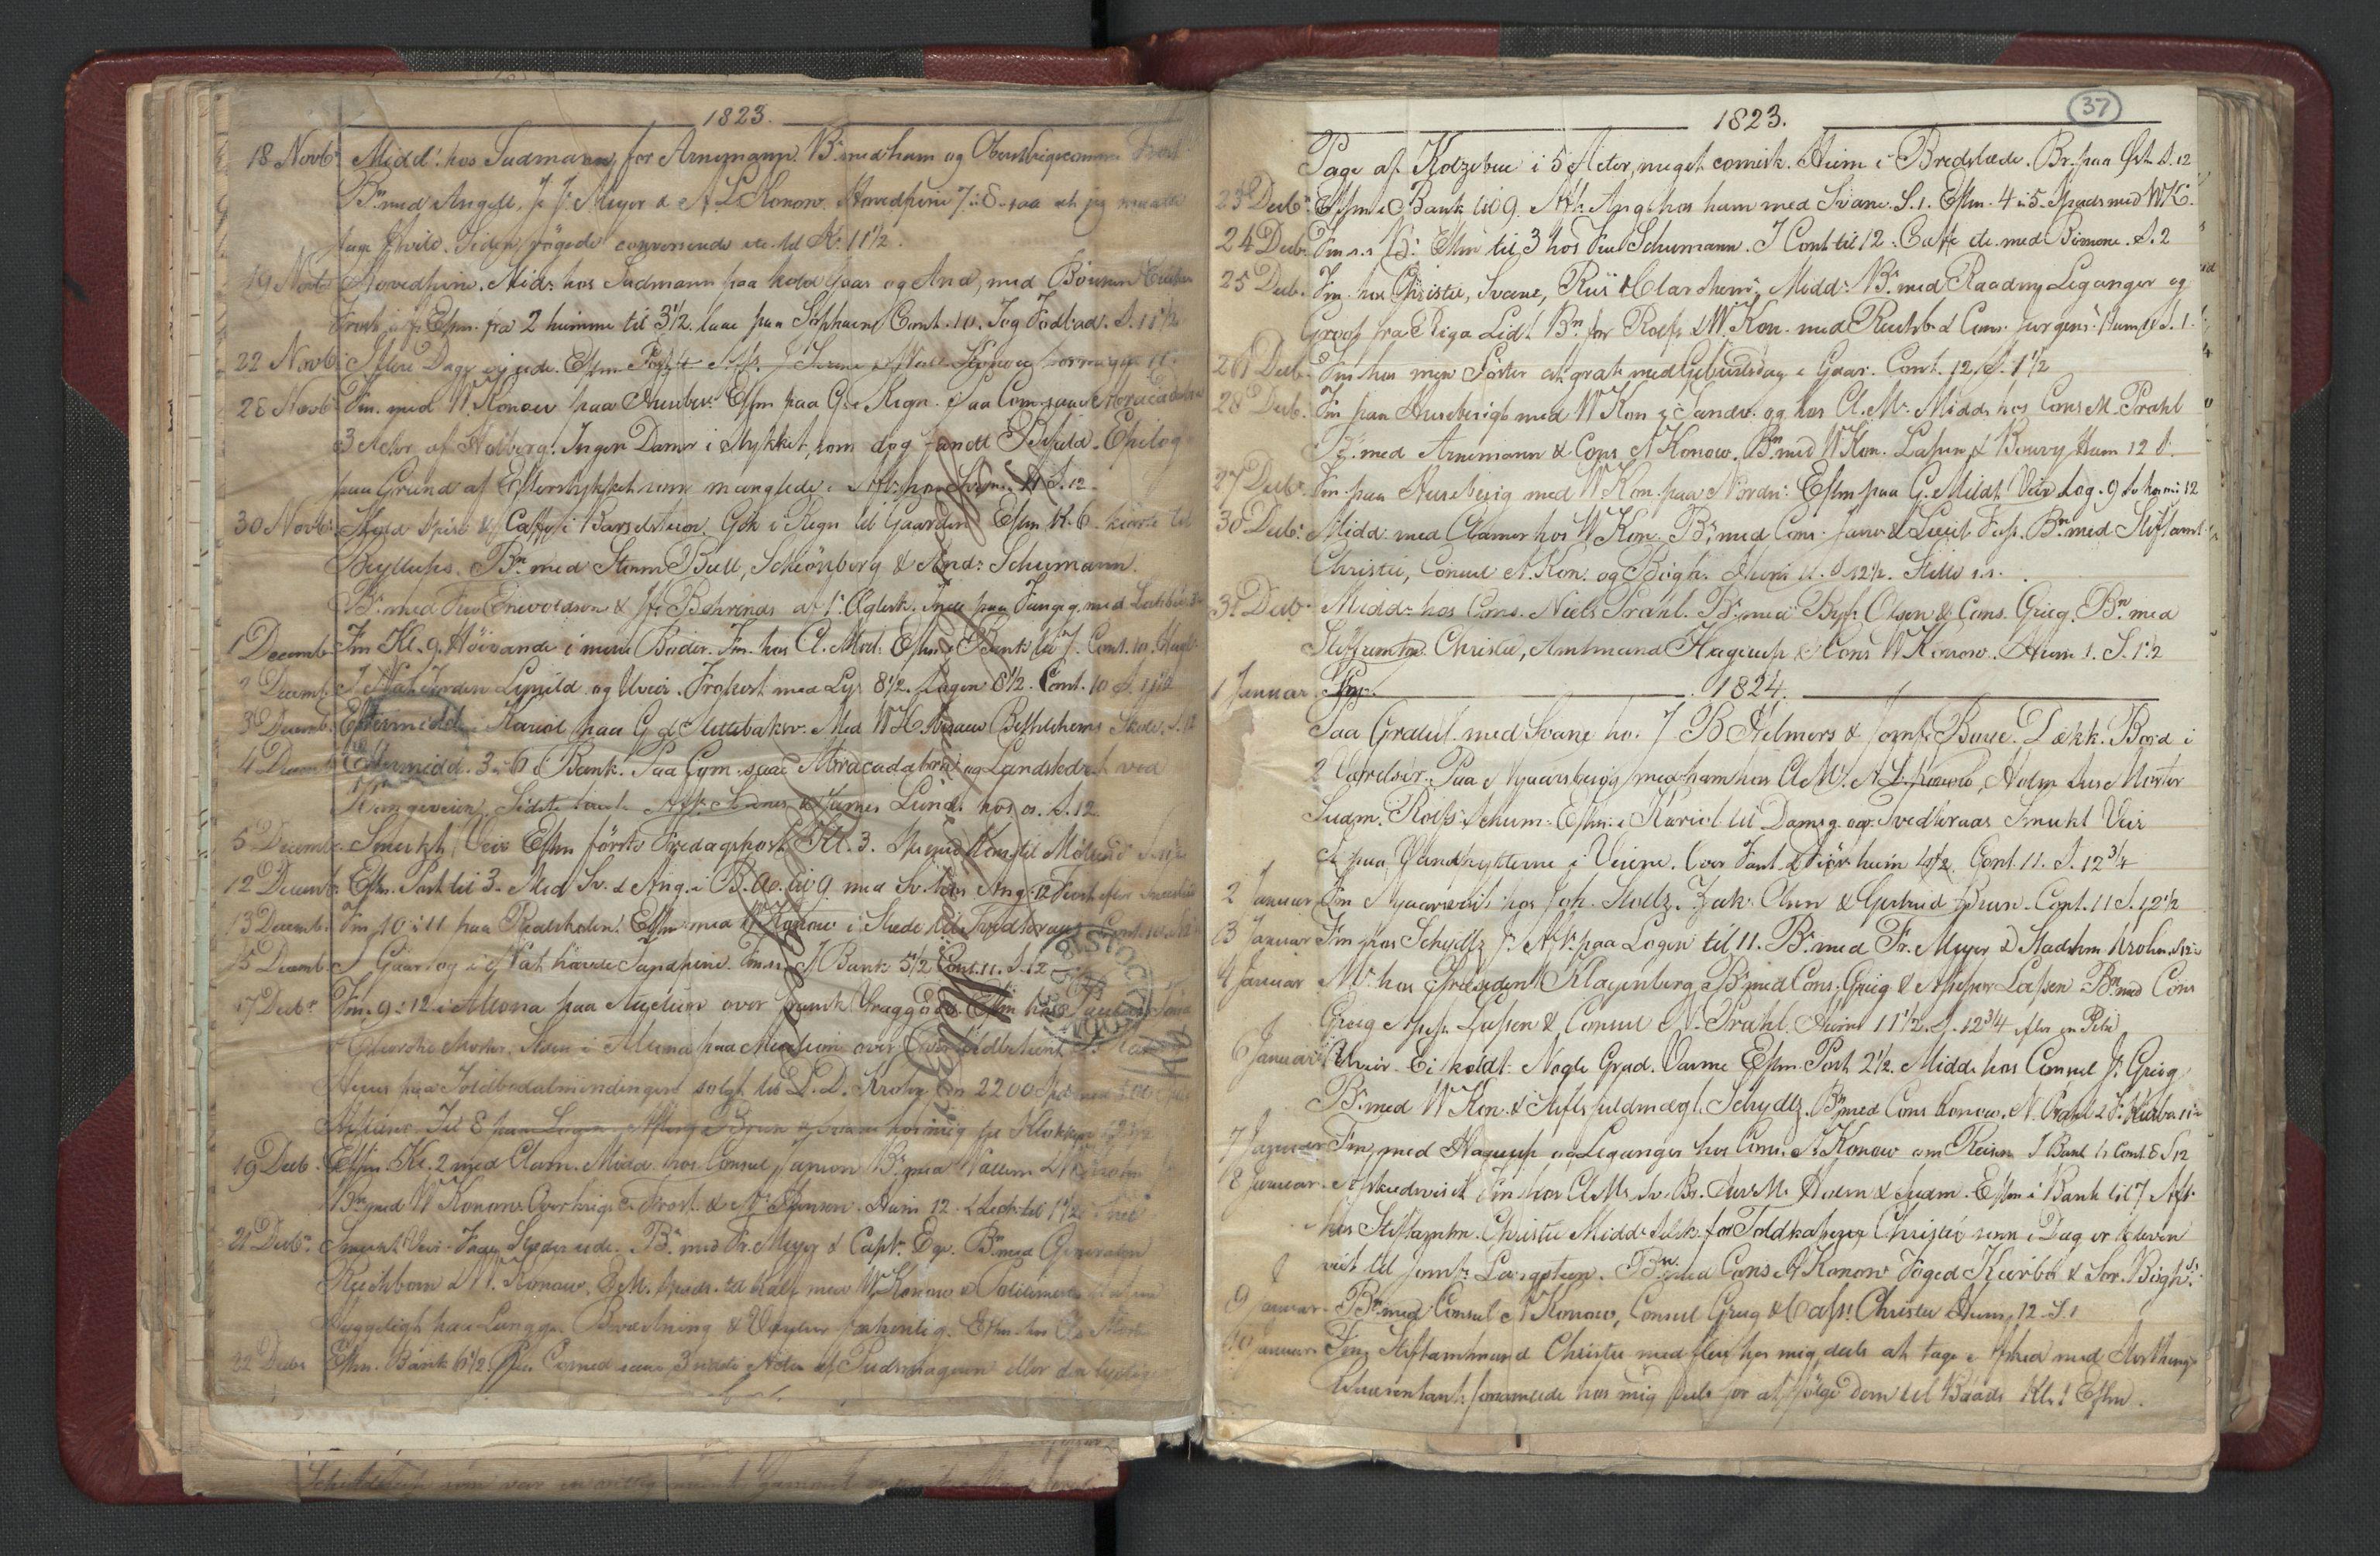 RA, Meltzer, Fredrik, F/L0003: Dagbok, 1821-1831, s. 36b-37a